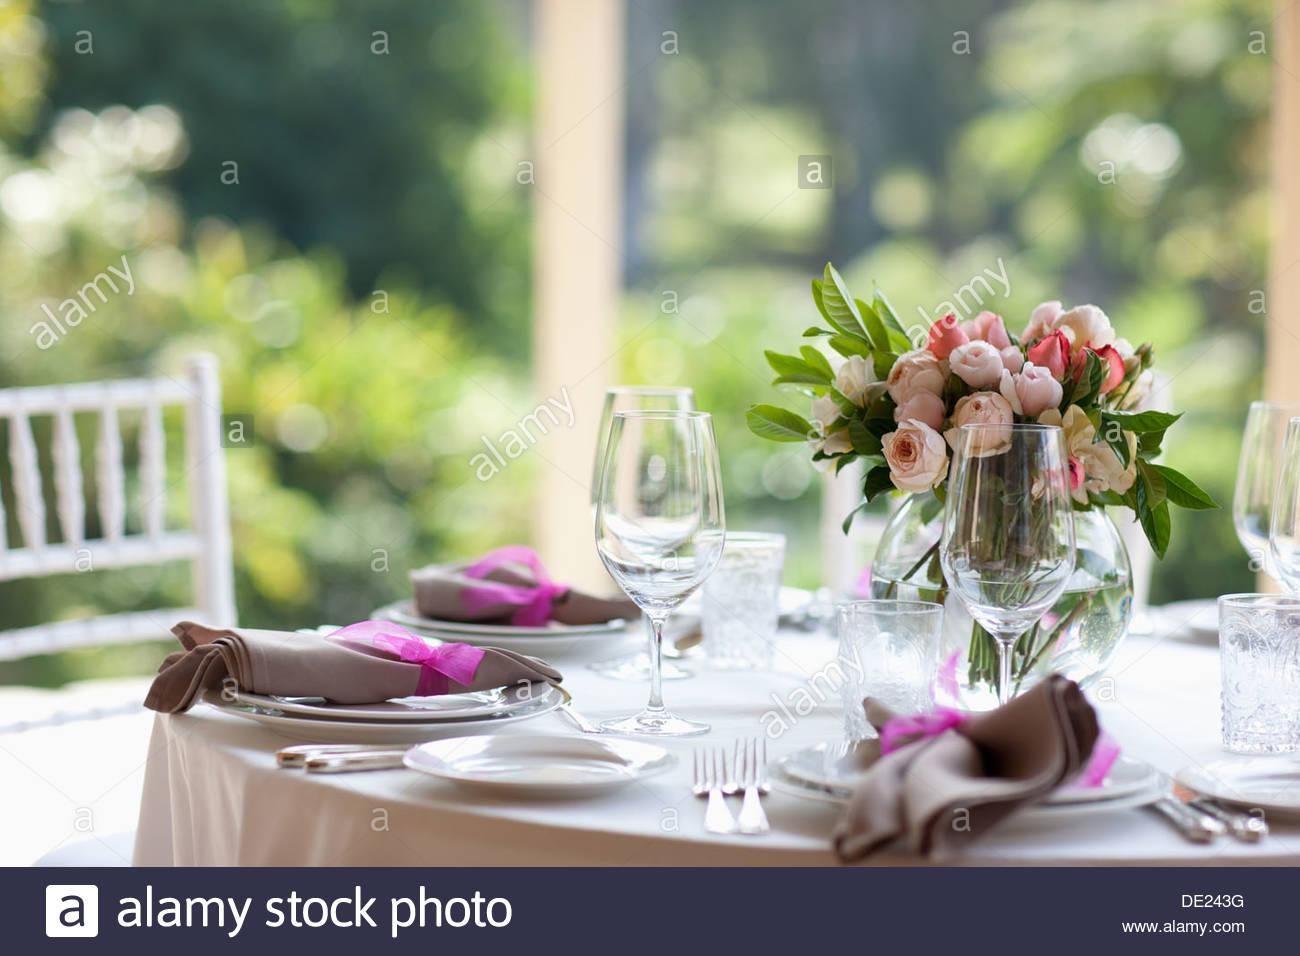 Cerca del centro de recepción de boda Imagen De Stock